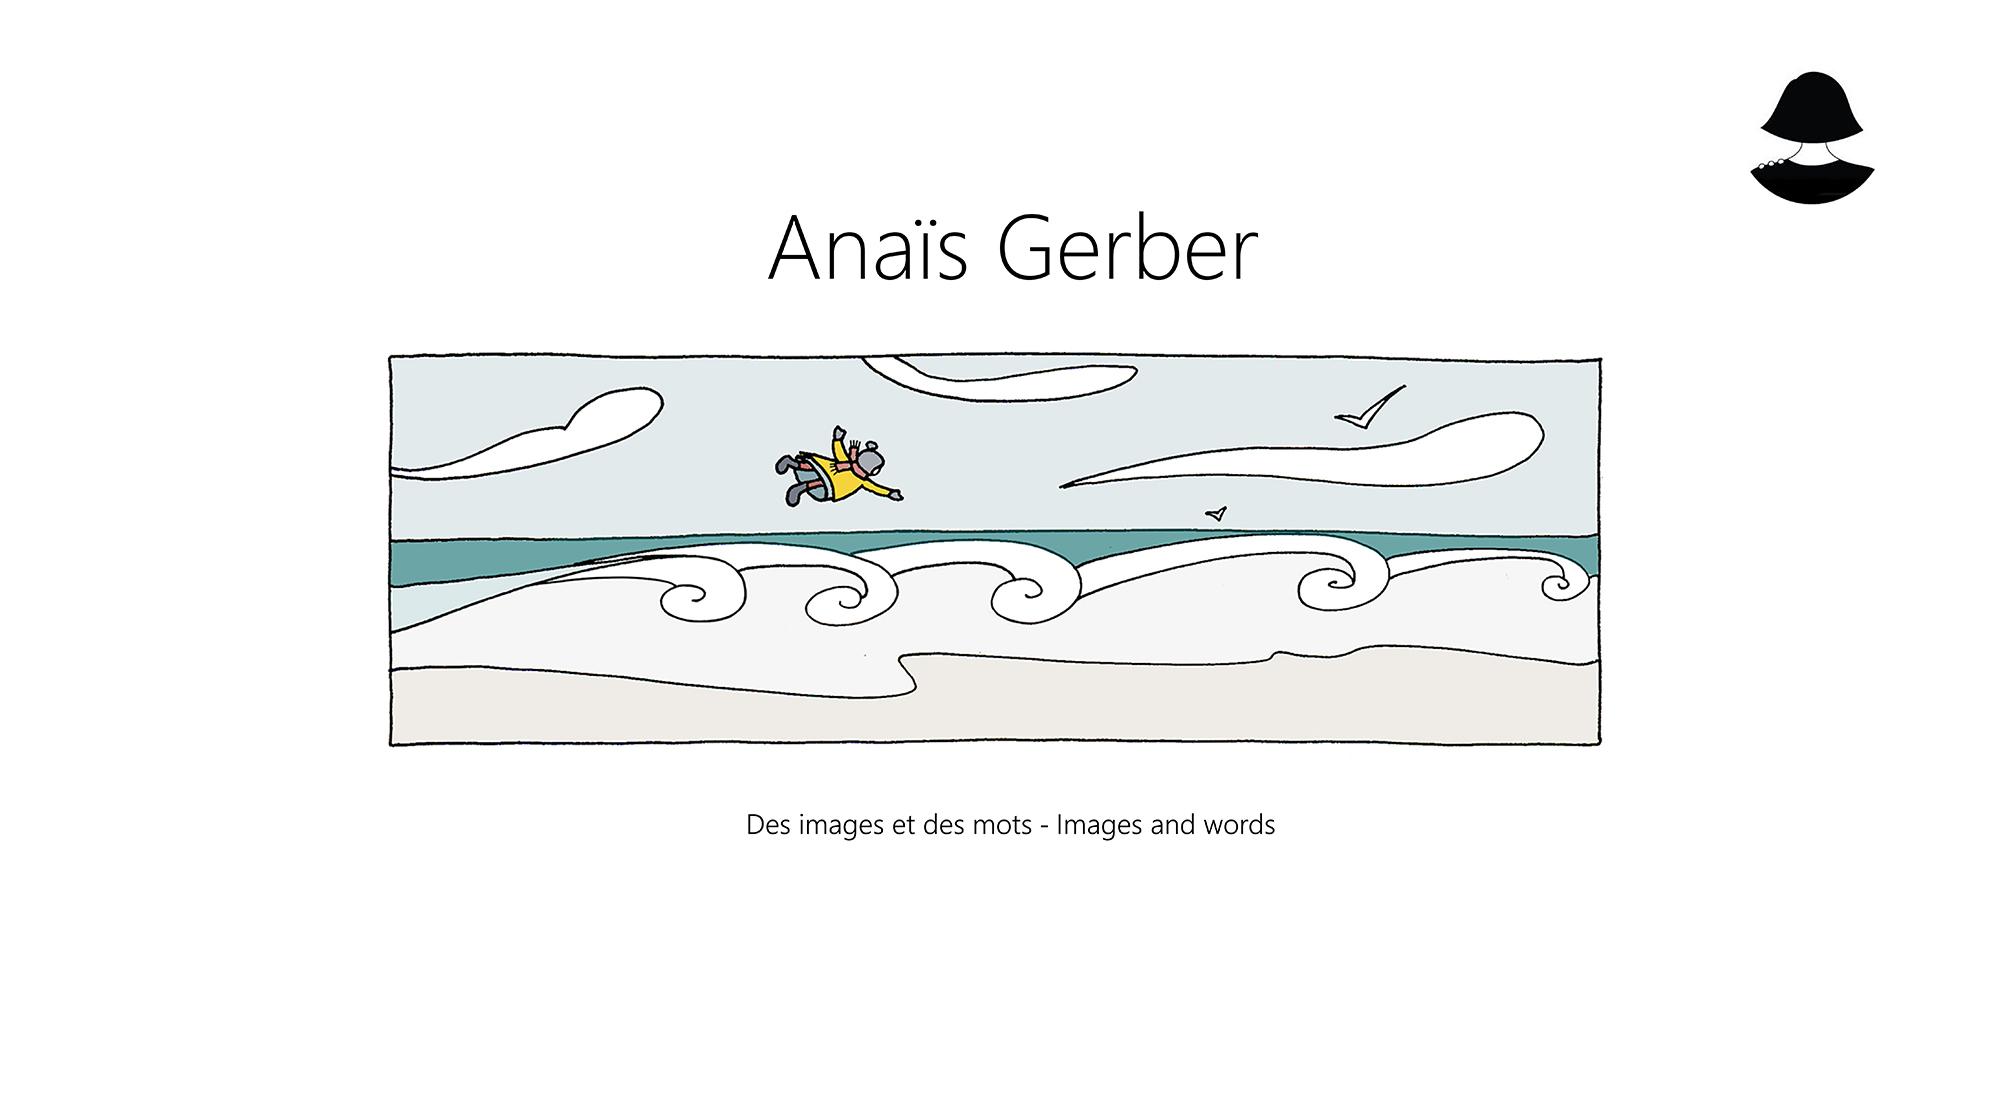 Anaïs Gerber